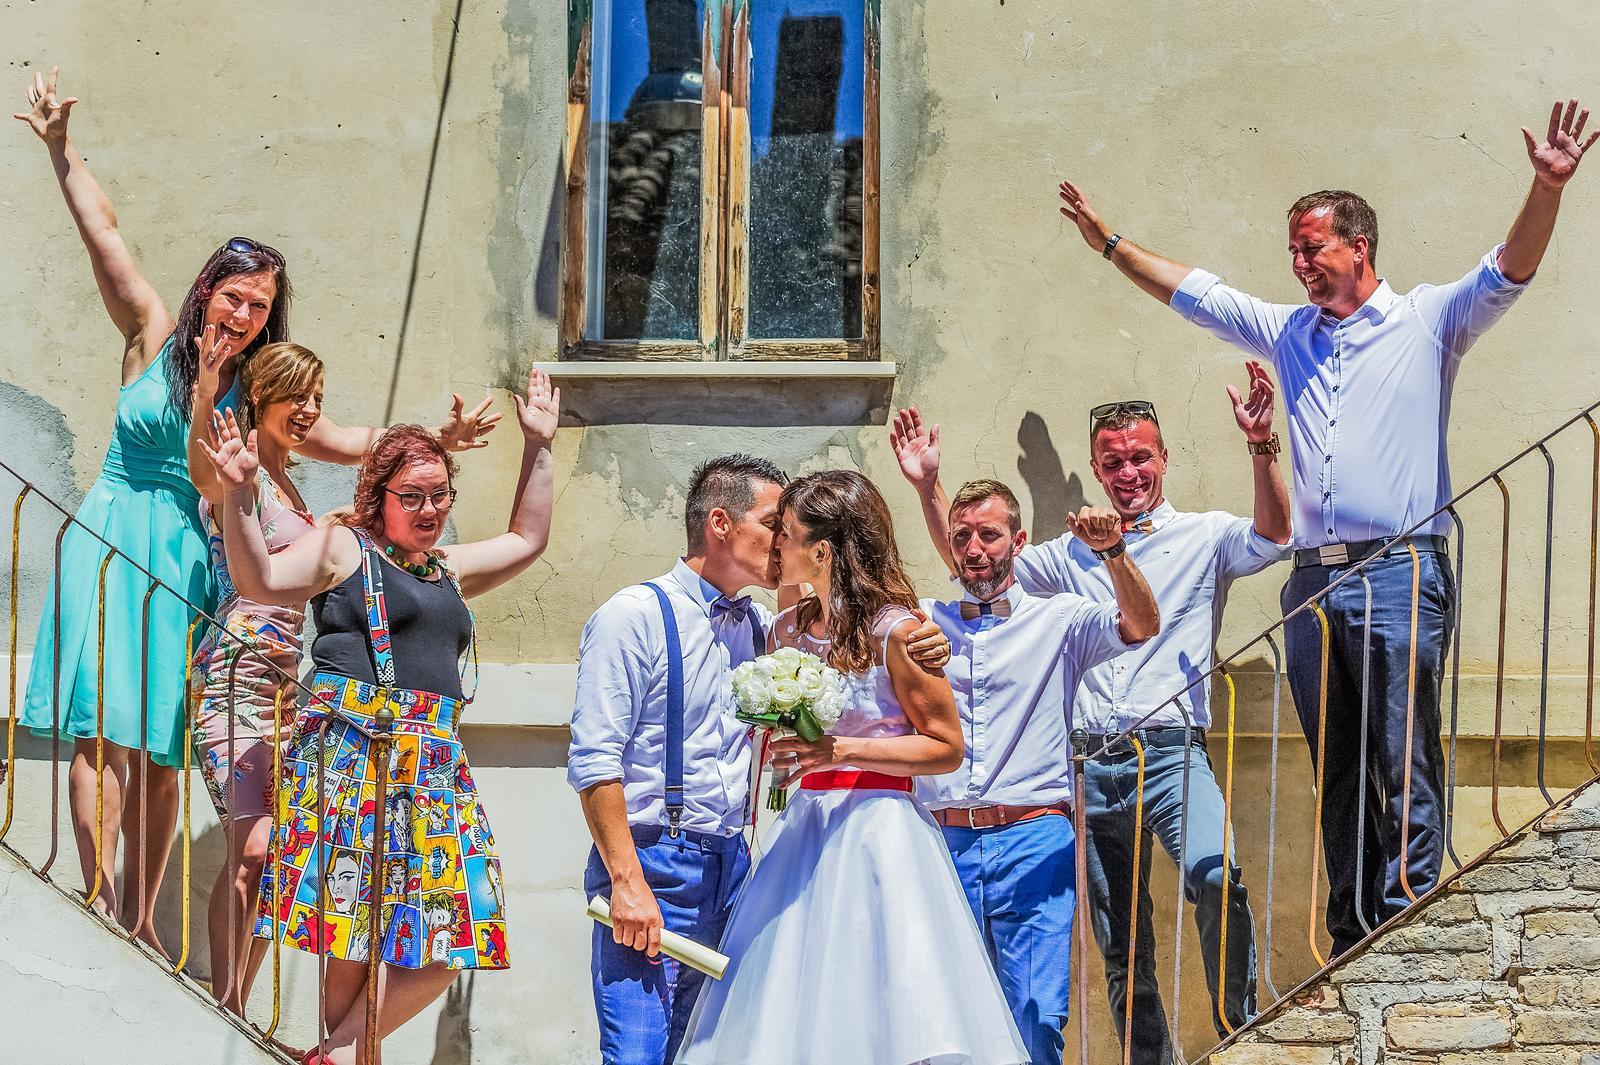 Svatby roku 2019 - Obrázek č. 1